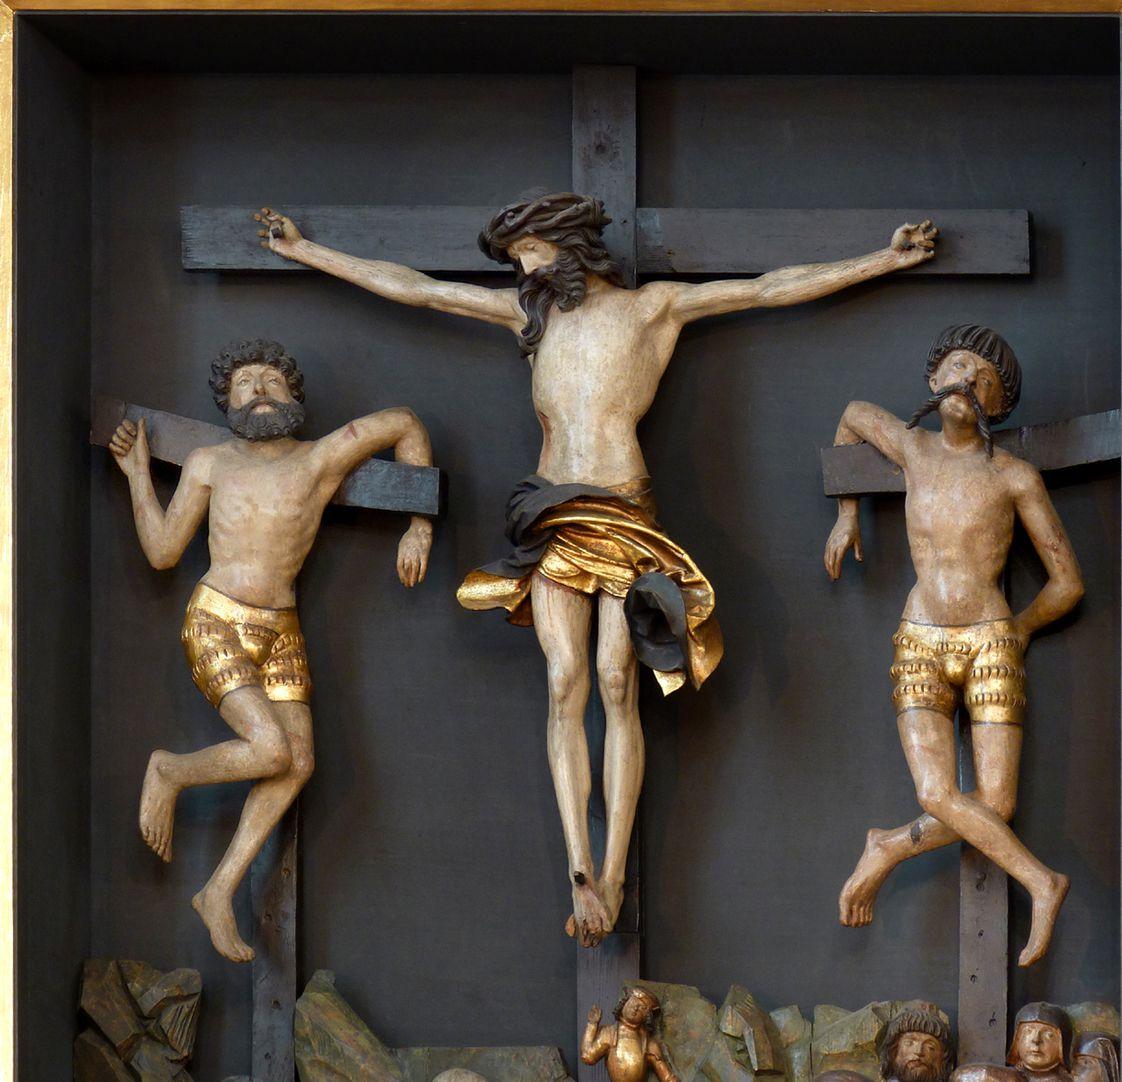 Kreuzaltar Schrein: Christus zwischen den Schächern, beide mit modischen renaissancehaften Schlitzhosen